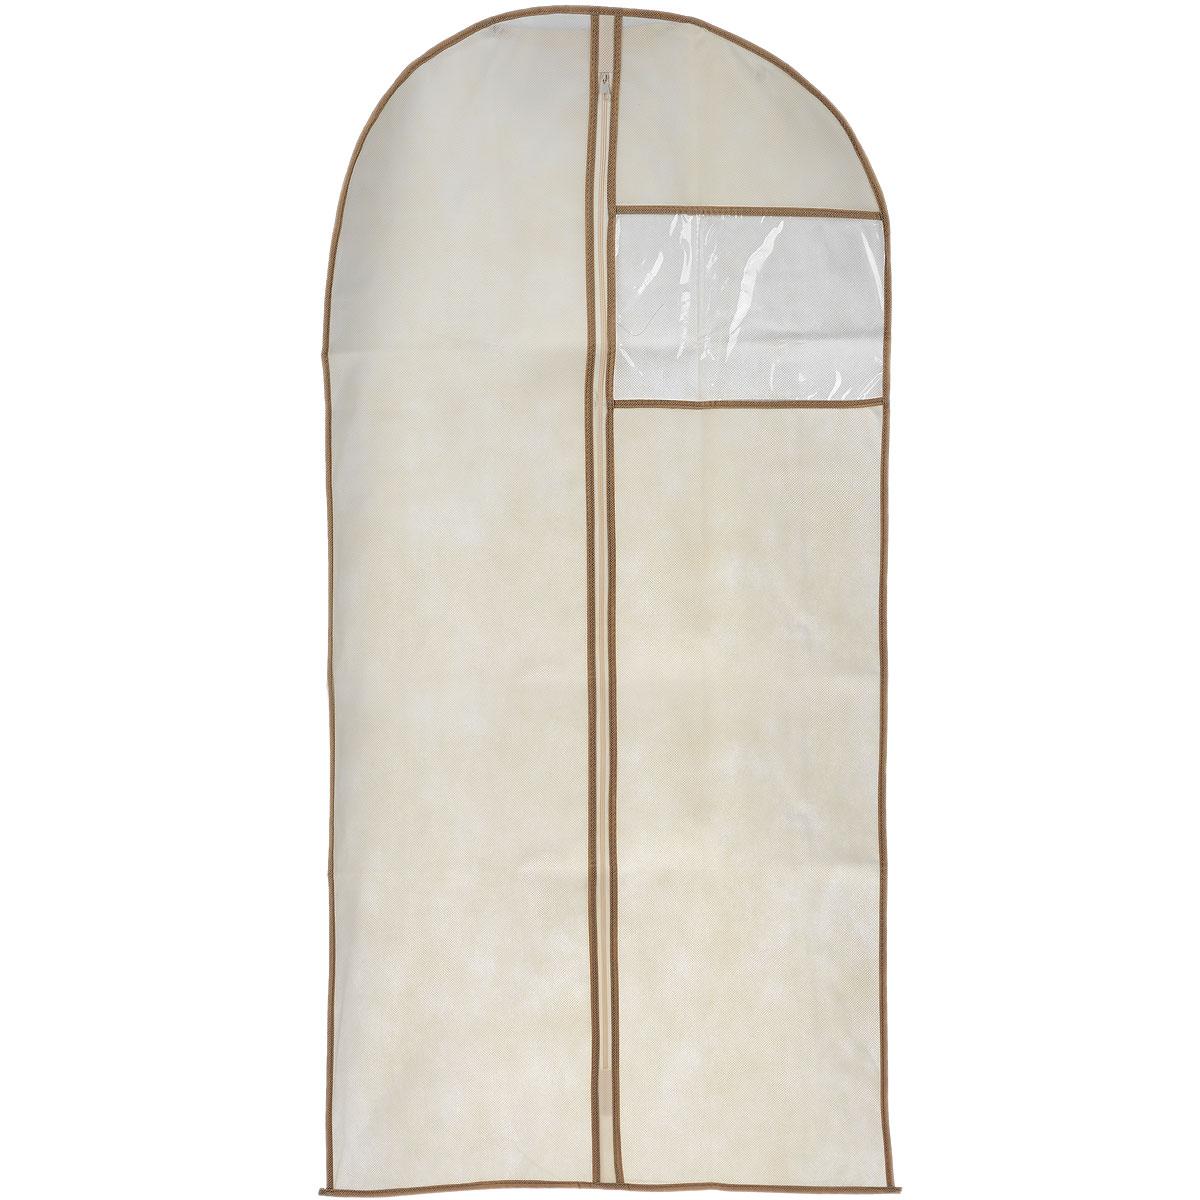 Чехол для пальто Cosatto, цвет: бежевый, 137 х 60 см3331_голубойЧехол для пальто Cosatto изготовлен из дышащего нетканого материала (полипропилена), безопасного в использовании. Предназначен для хранения пальто и другой длинной верхней одежды. Имеет прозрачное окно, застежку-молнию и специальное отверстие для крючка вешалки. Материал можно протирать в случае загрязнения влажной тряпкой.